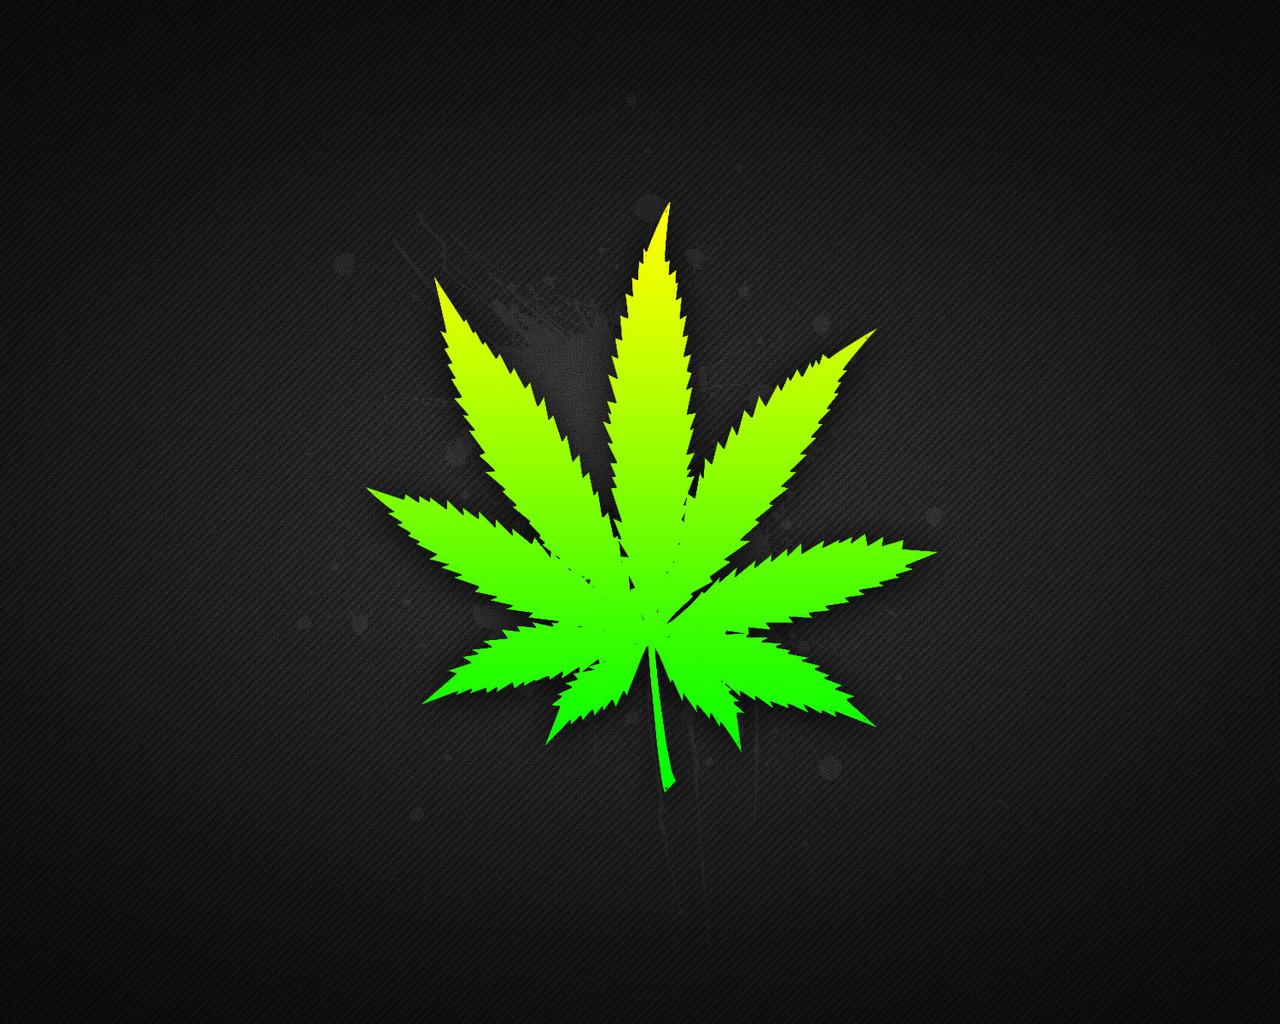 16062 Hintergrundbild herunterladen Pflanzen, Logos, Marijuana - Bildschirmschoner und Bilder kostenlos